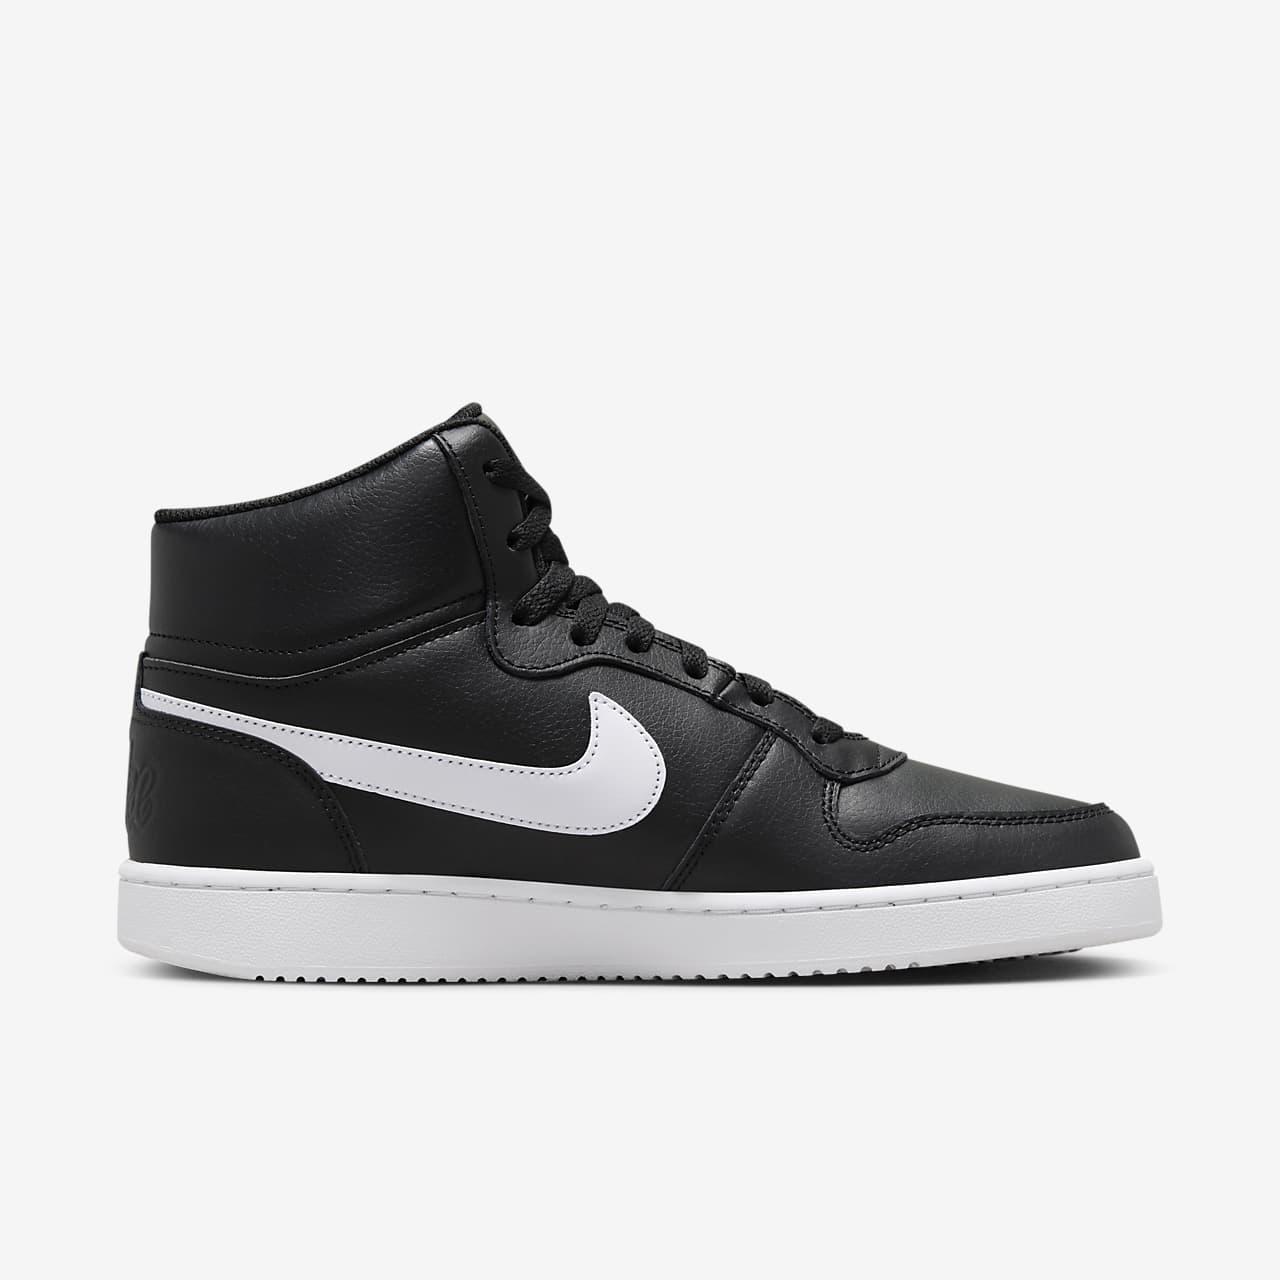 Nike Ebernon Mens Basketball Shoes